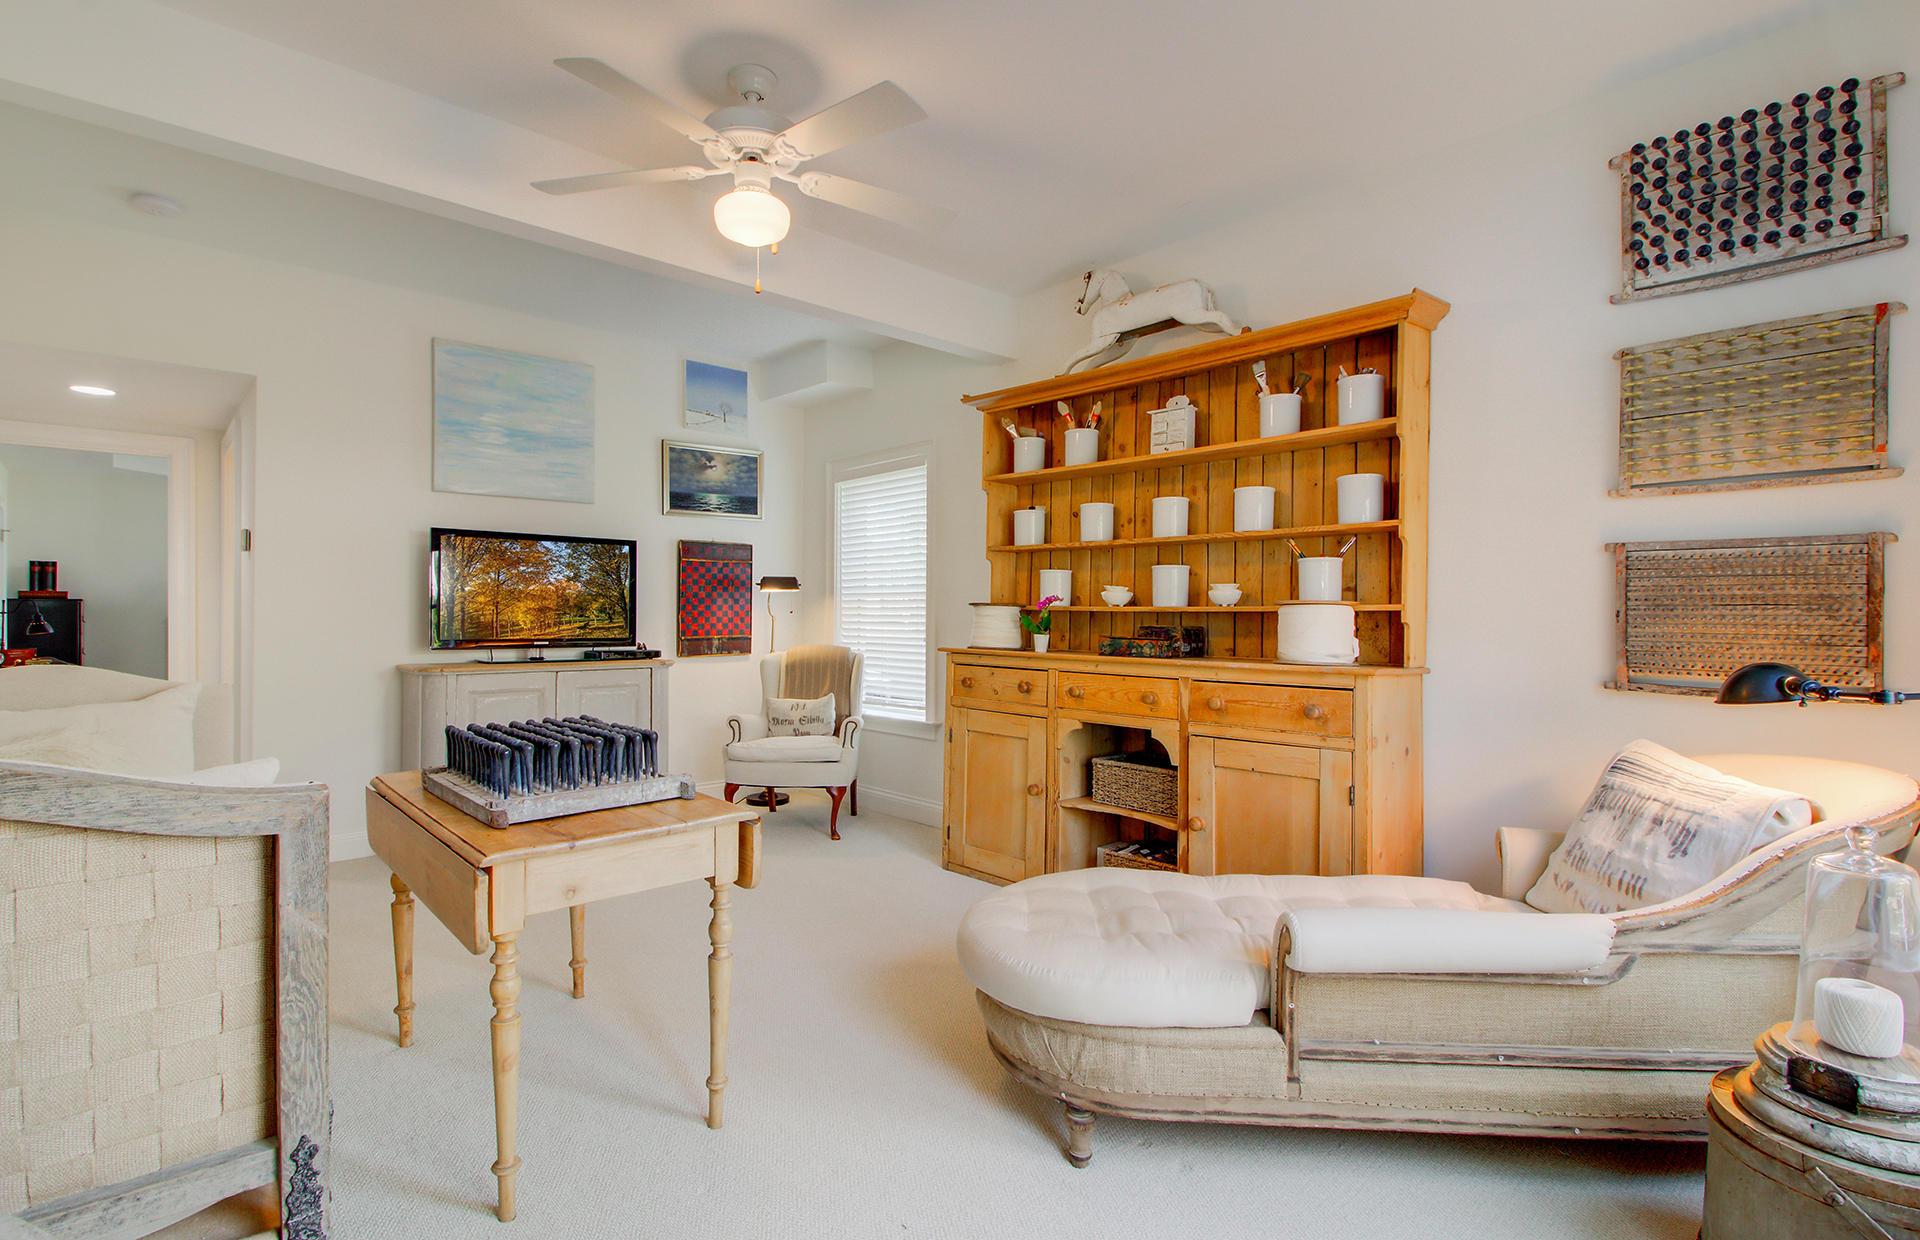 Dunes West Homes For Sale - 2913 Yachtsman, Mount Pleasant, SC - 41